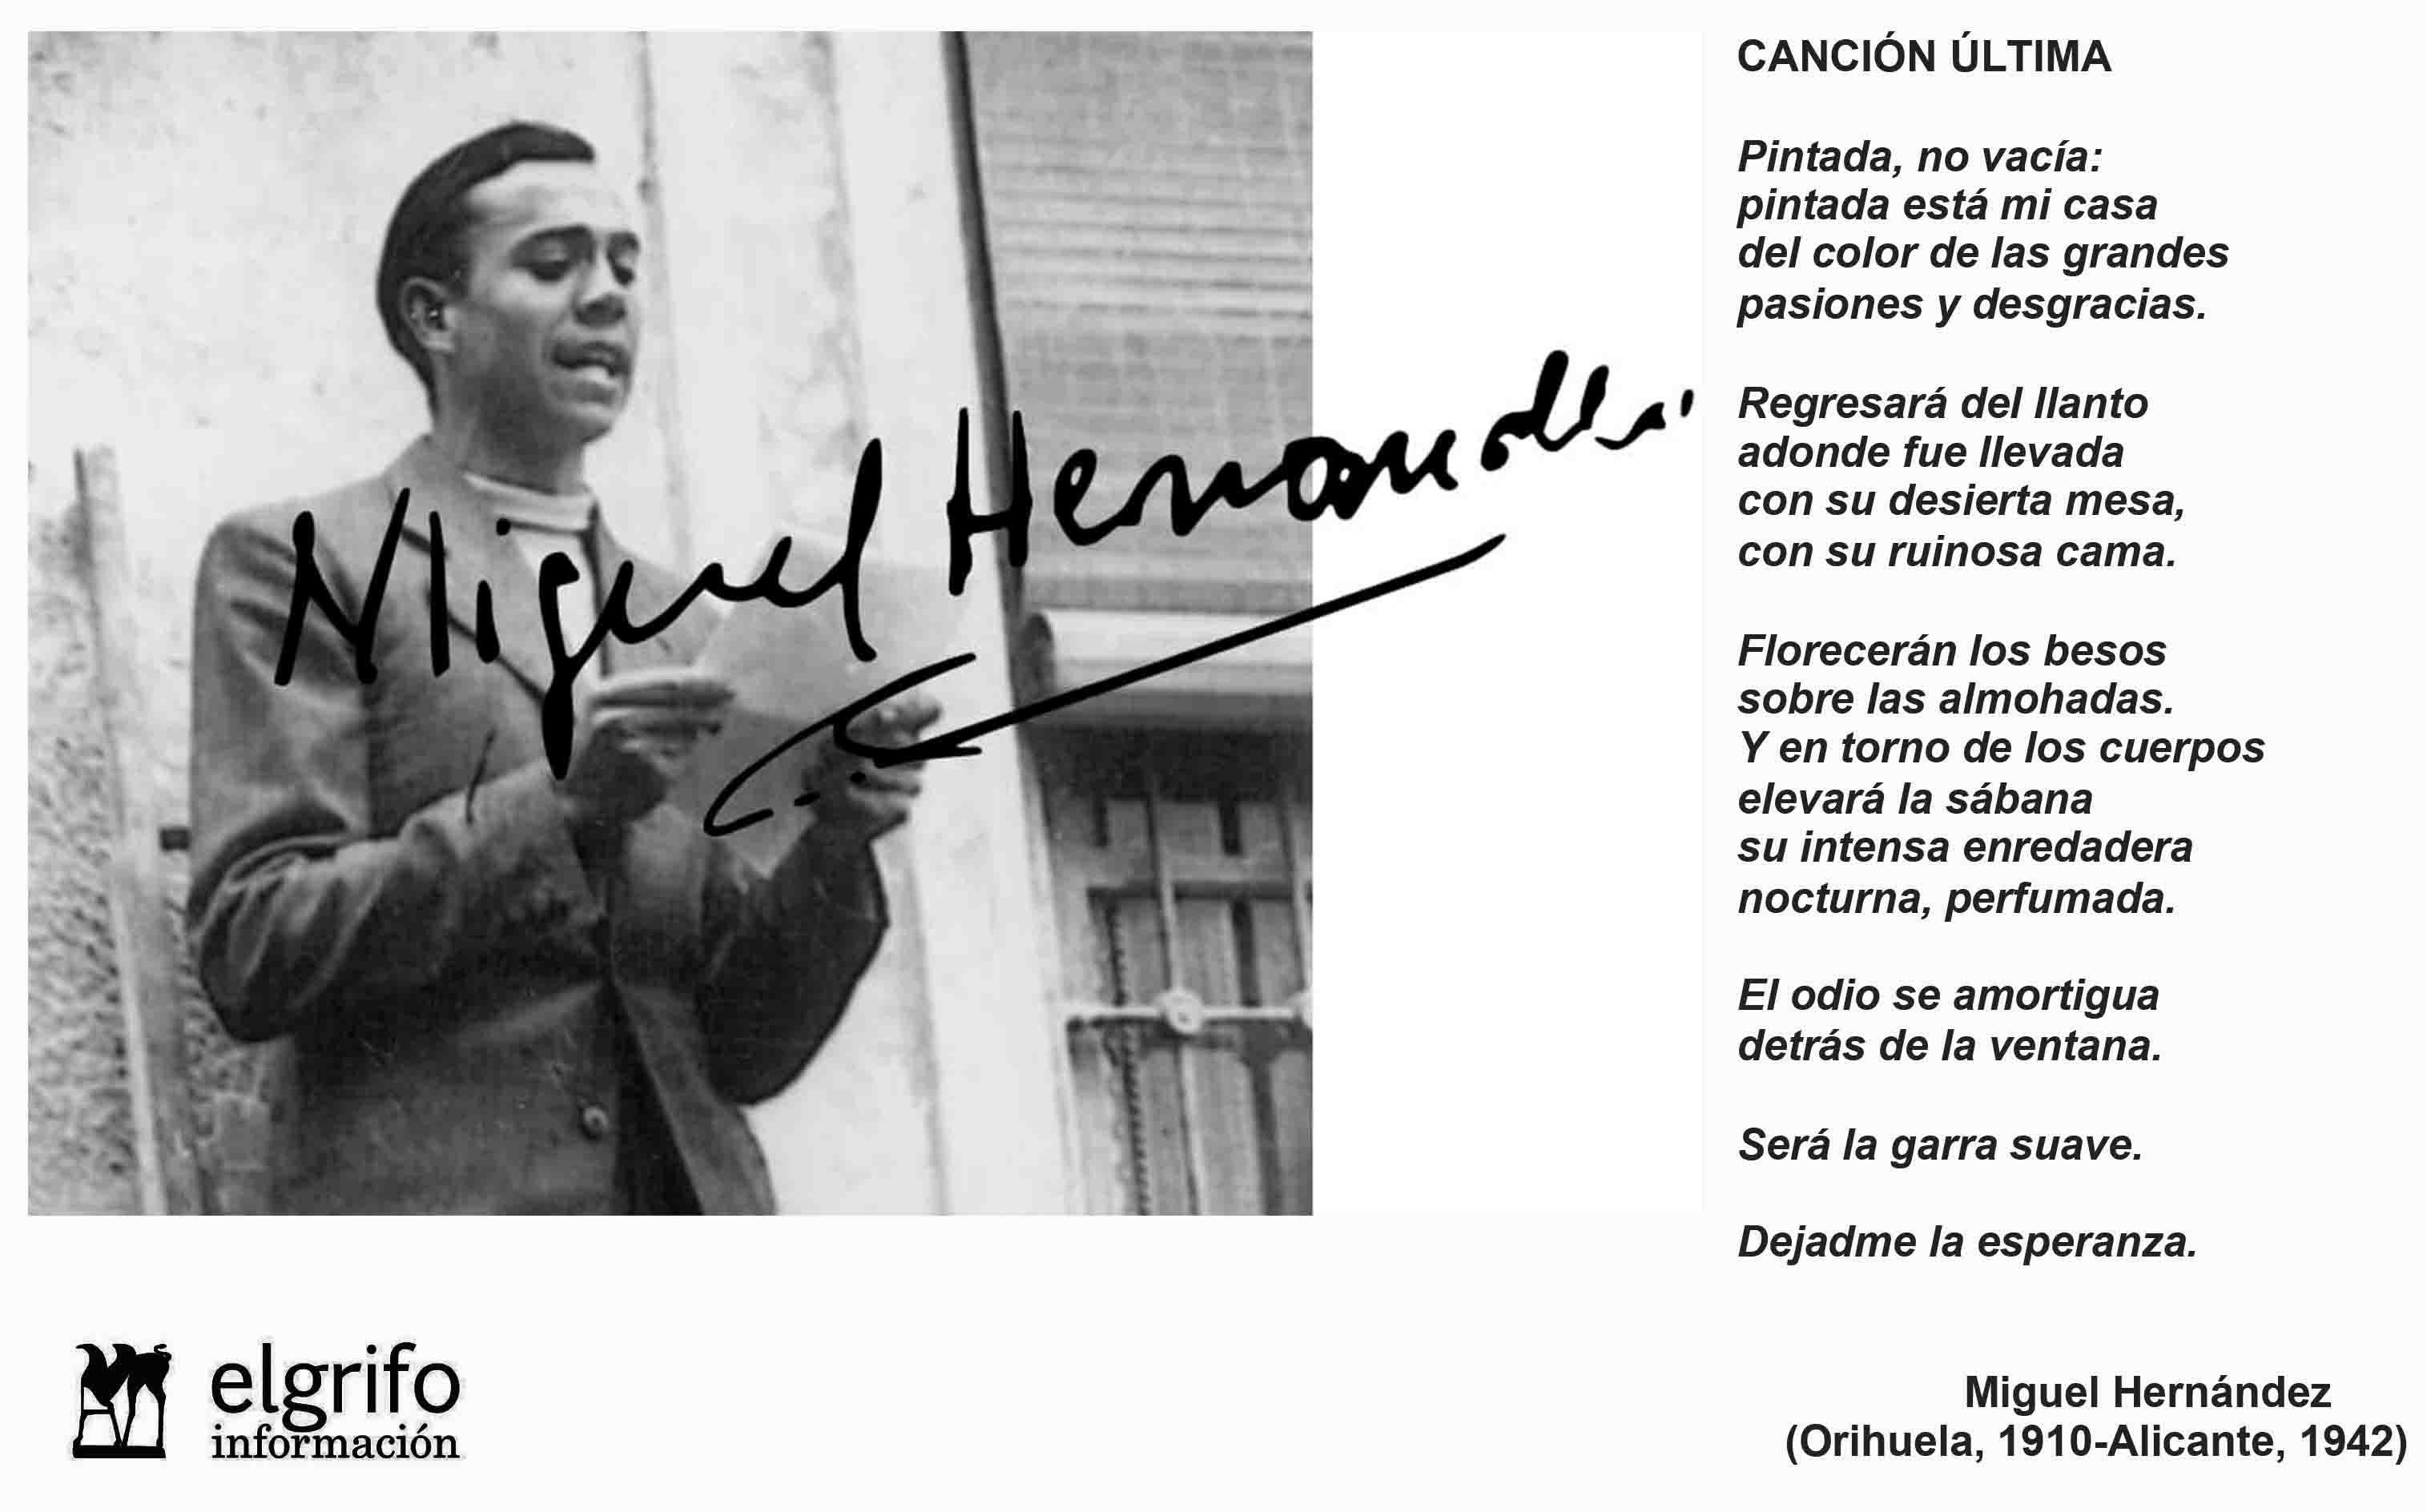 SE HAN CUMPLIDO 75 A'OS DE LA MUERTE DE MIGUEL HERNNDEZ EL POETA